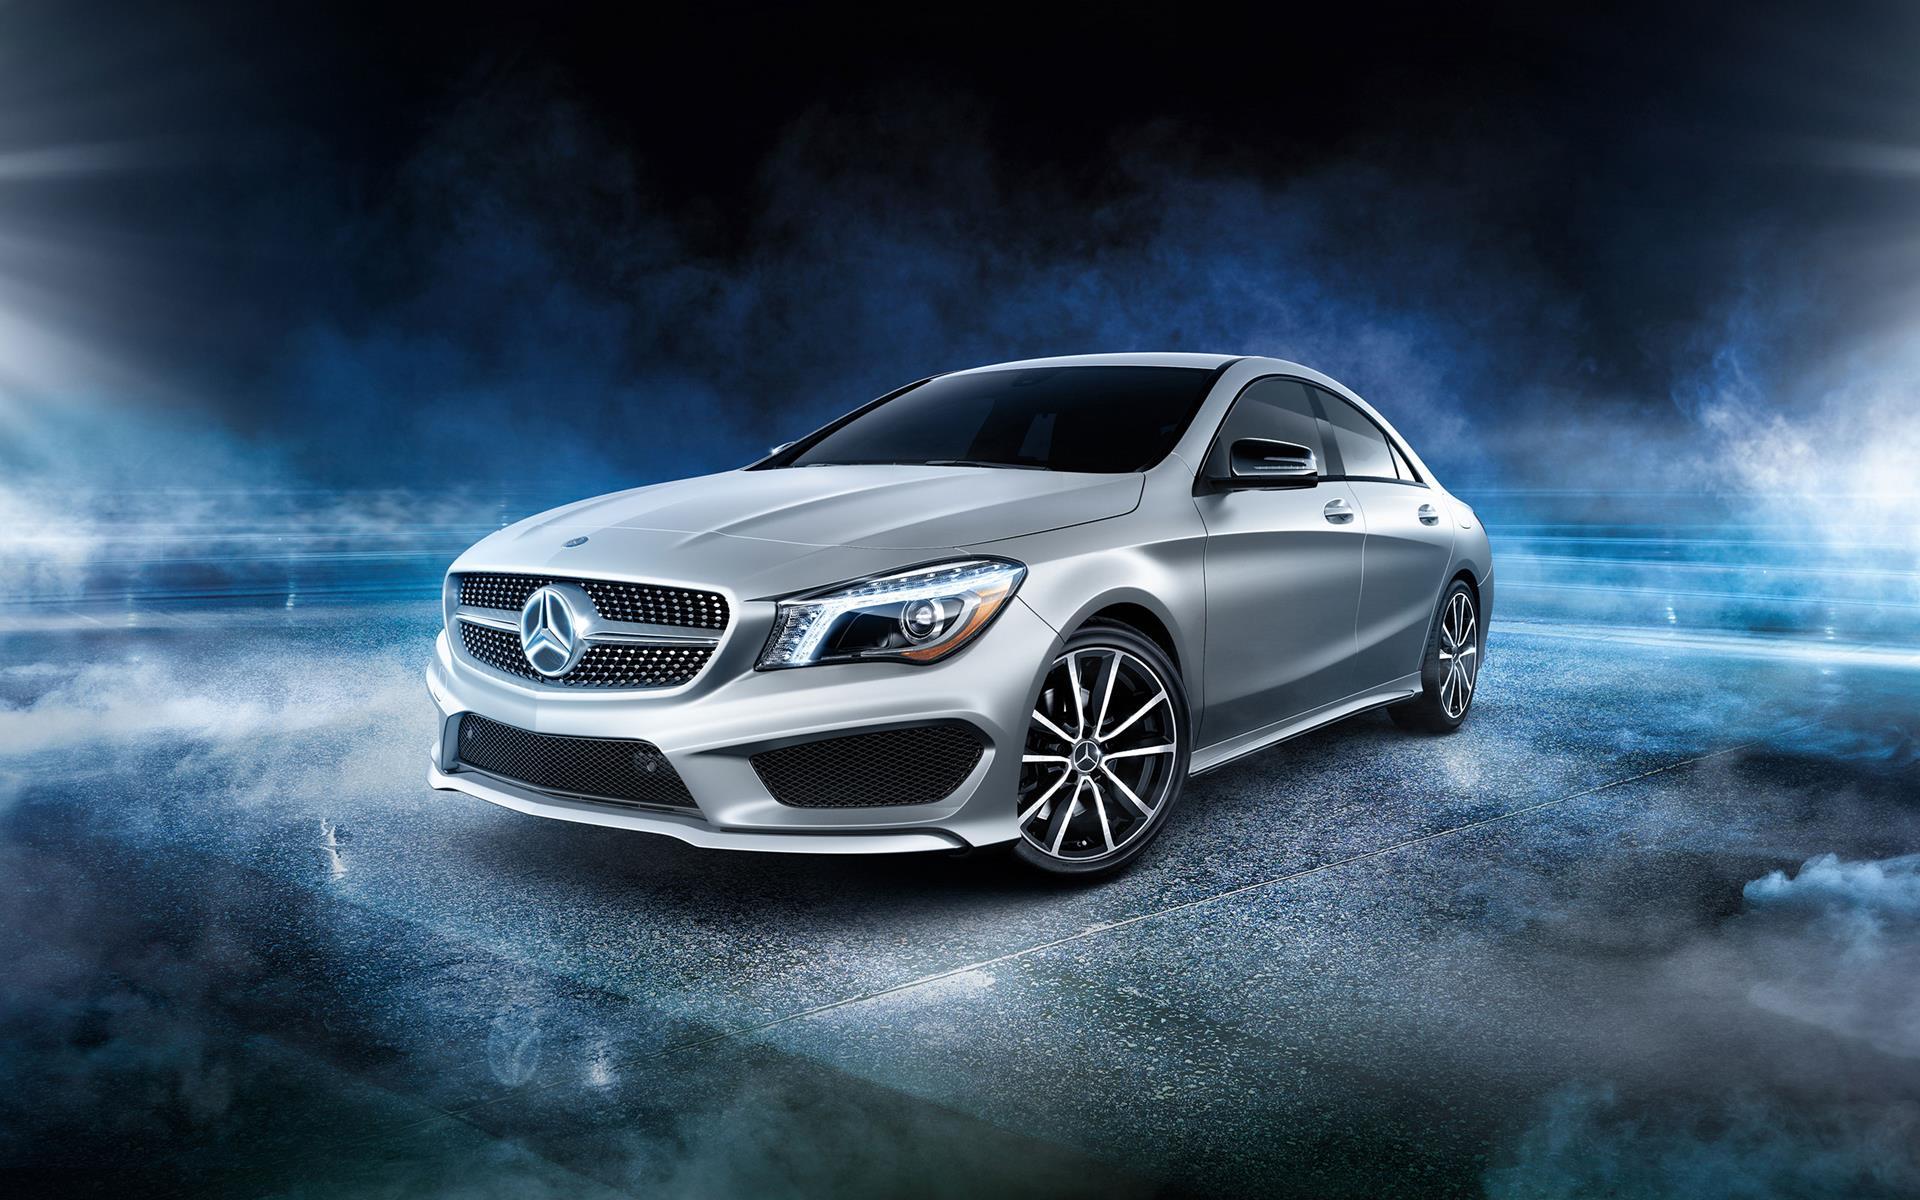 2016 Mercedes Benz CLA Class Wallpapers [HD]   DriveSpark 1920x1200